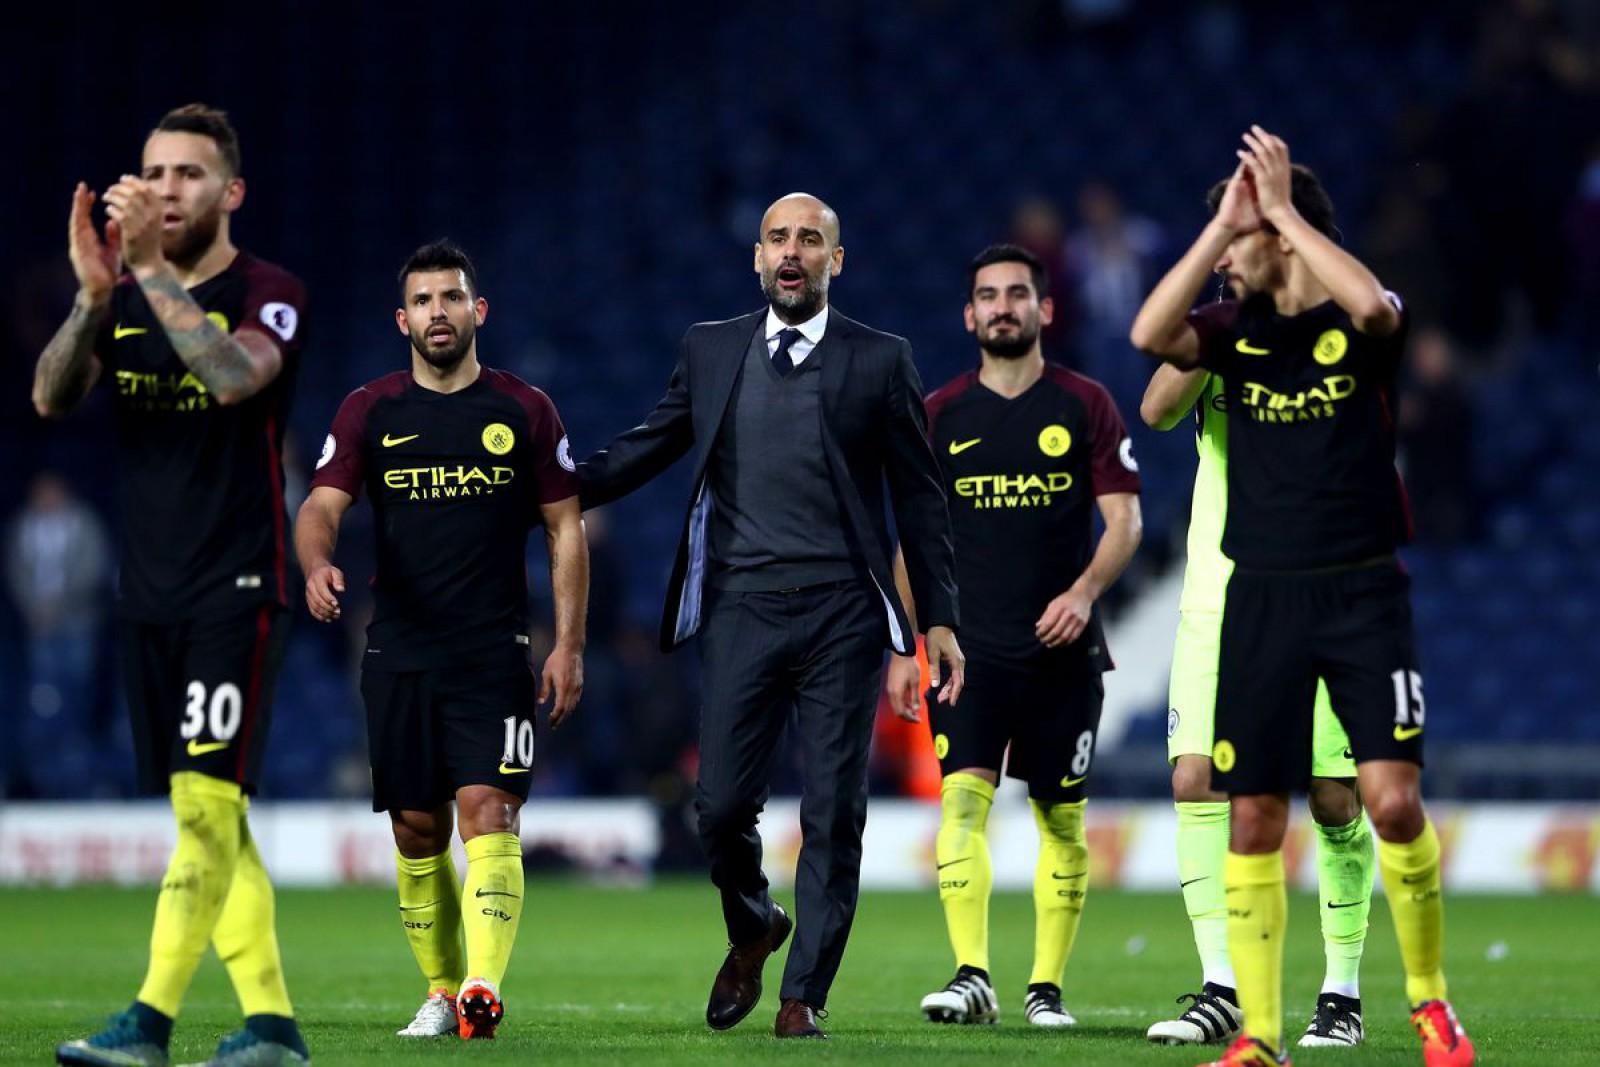 Pep Guardiola a triumfat în Premier League! Manchester City este noua campioană a Angliei!